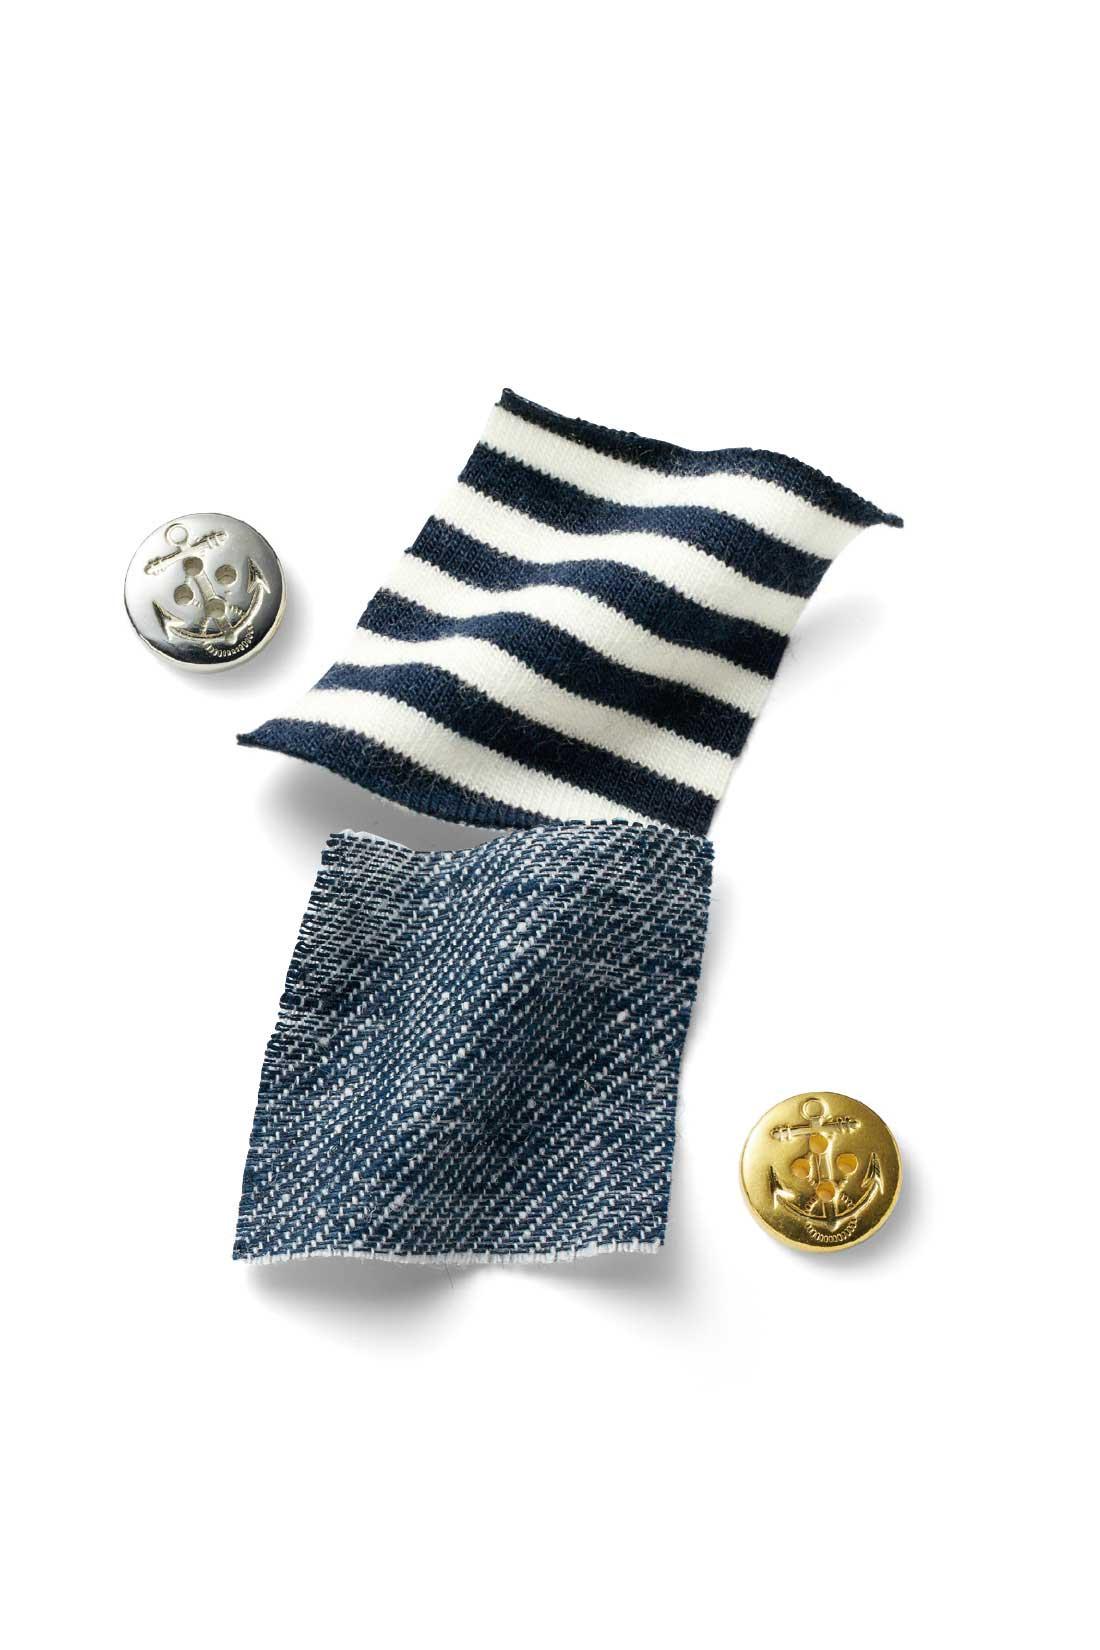 麻のシャリ感と綿のやさしい肌ざわりを両立させた綿麻シャンブレー素材。ウエストはストレッチ混カットソーでらくちん。